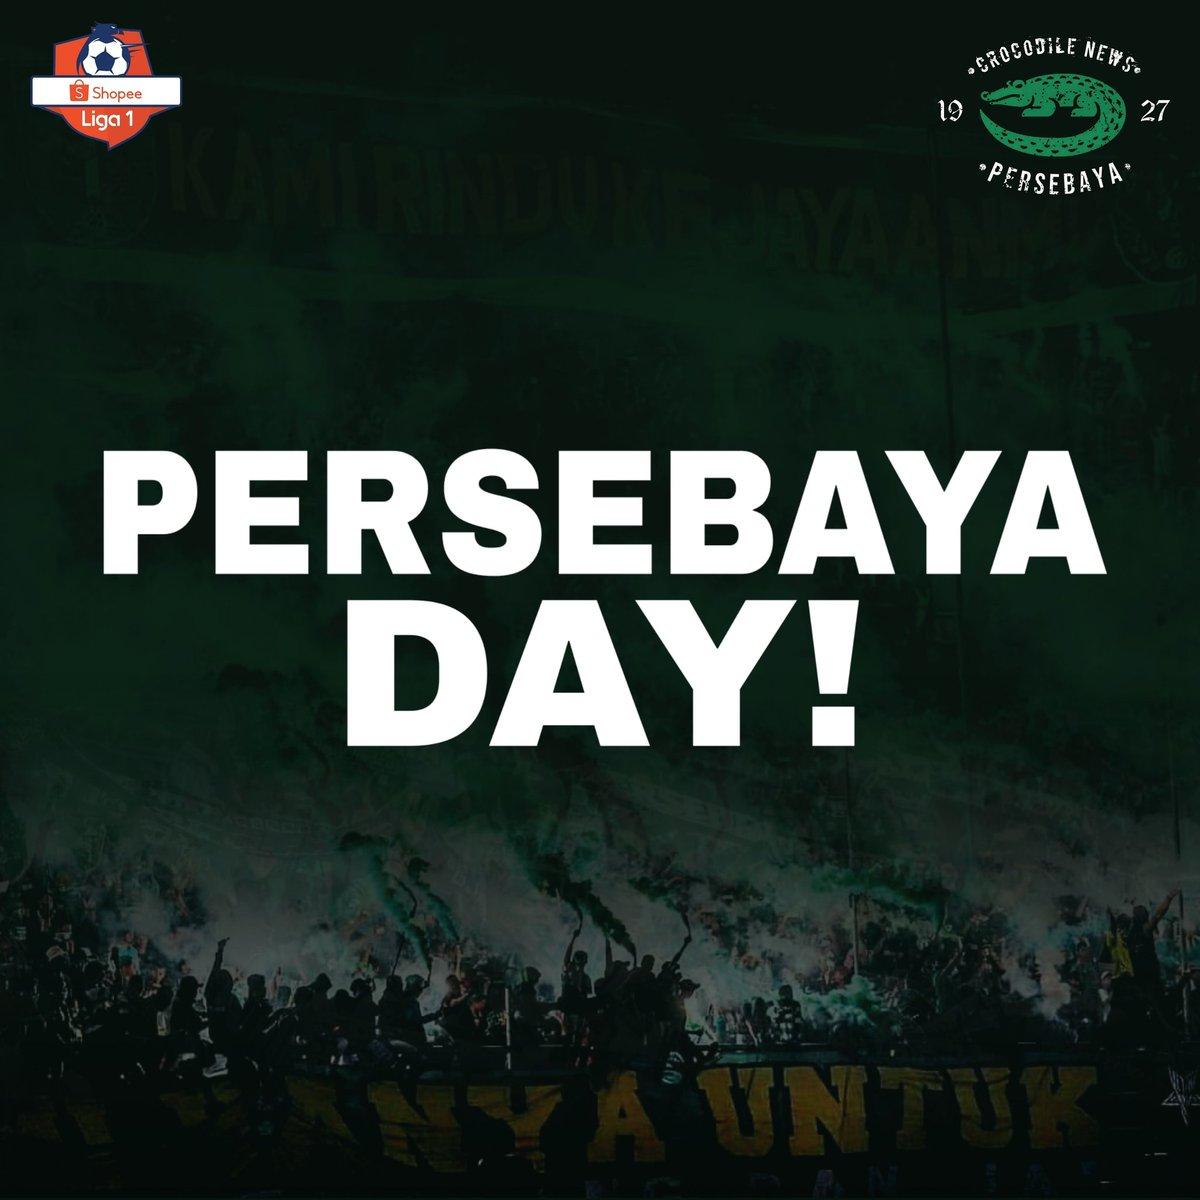 Happy Persebaya Day!  AYO MENANGO CUK, NGEYELO! BISMILLAH 3 POIN DI PULAU GARAM!🙏🔥 #Persebaya #bajolijo #greenforce #CrocodileNews #bonek #bonita